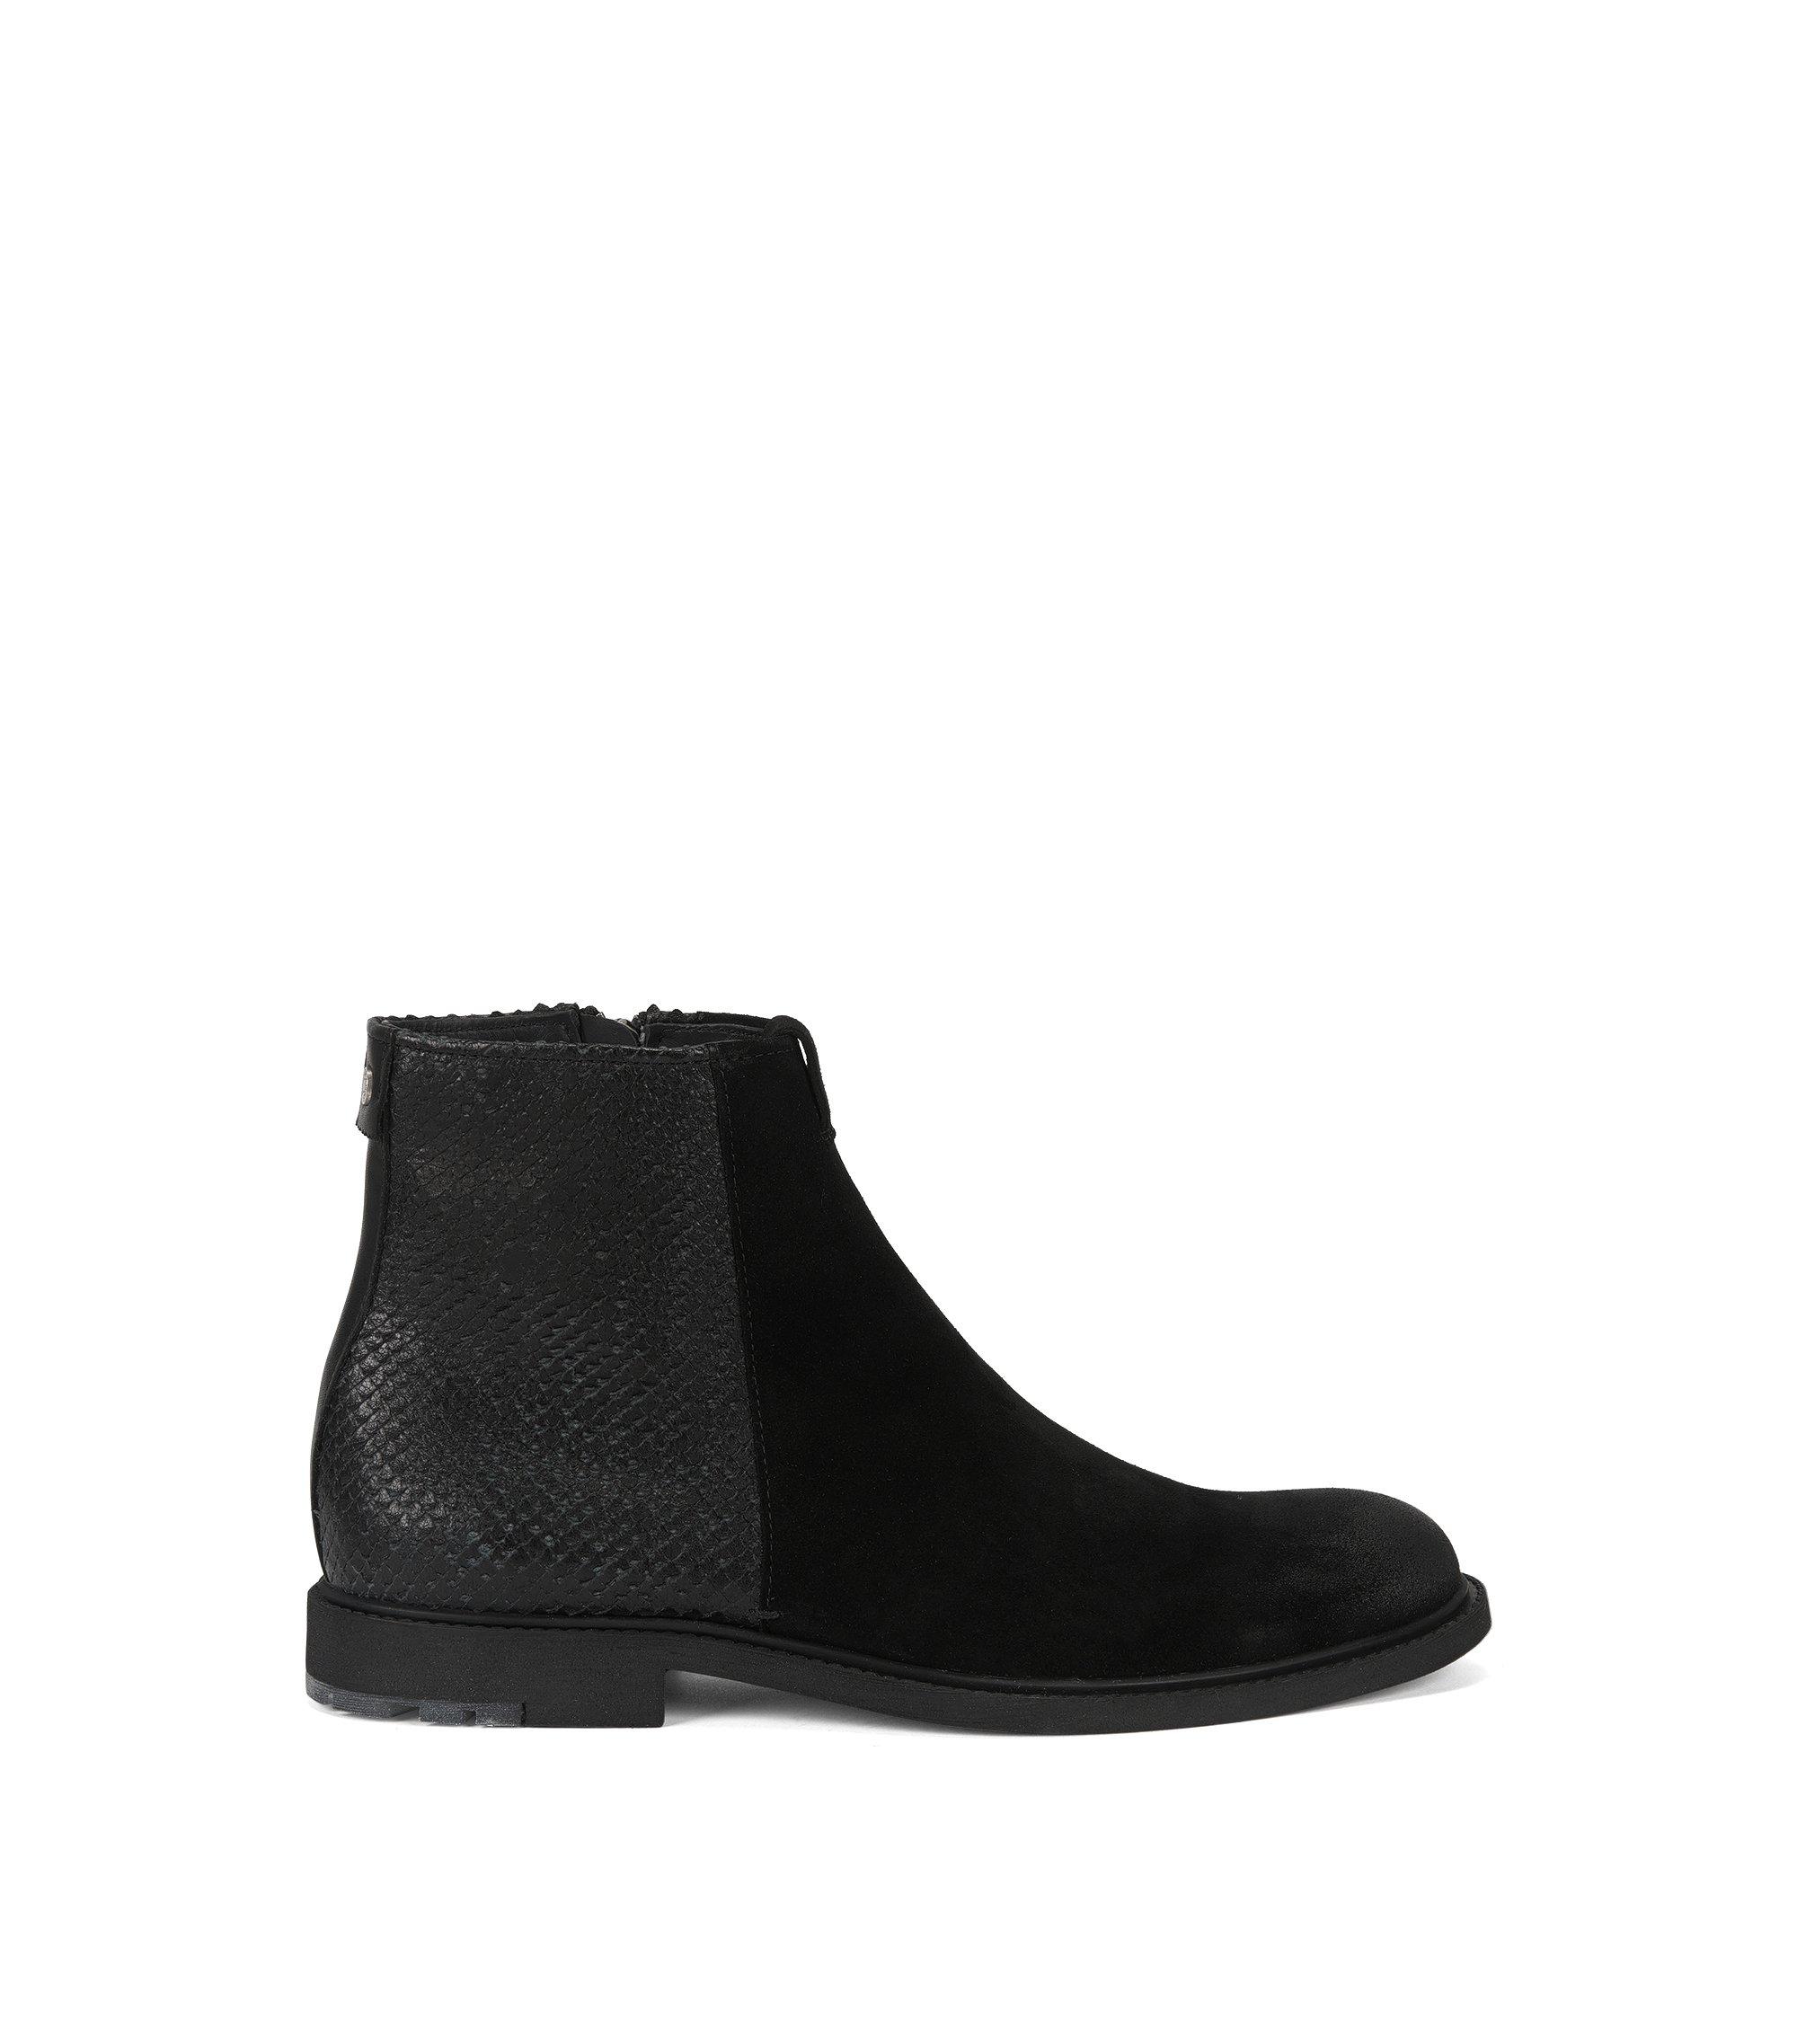 Boots hauteur chevilles en daim lavé et cuir gravé au laser, Noir